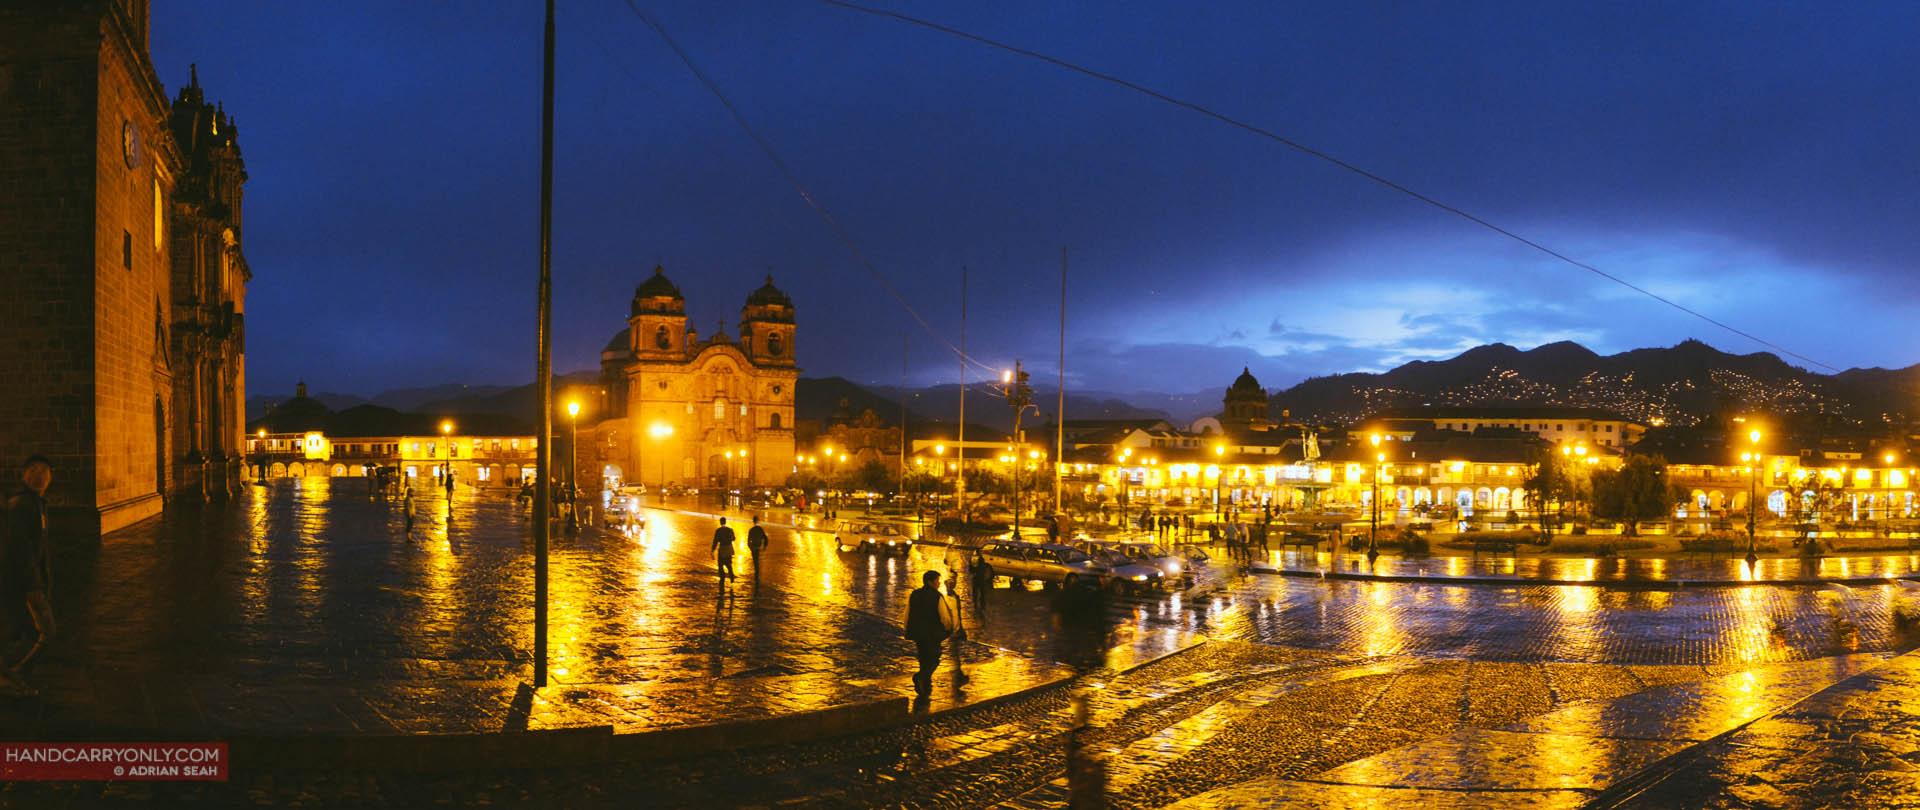 evening in cuzco peru